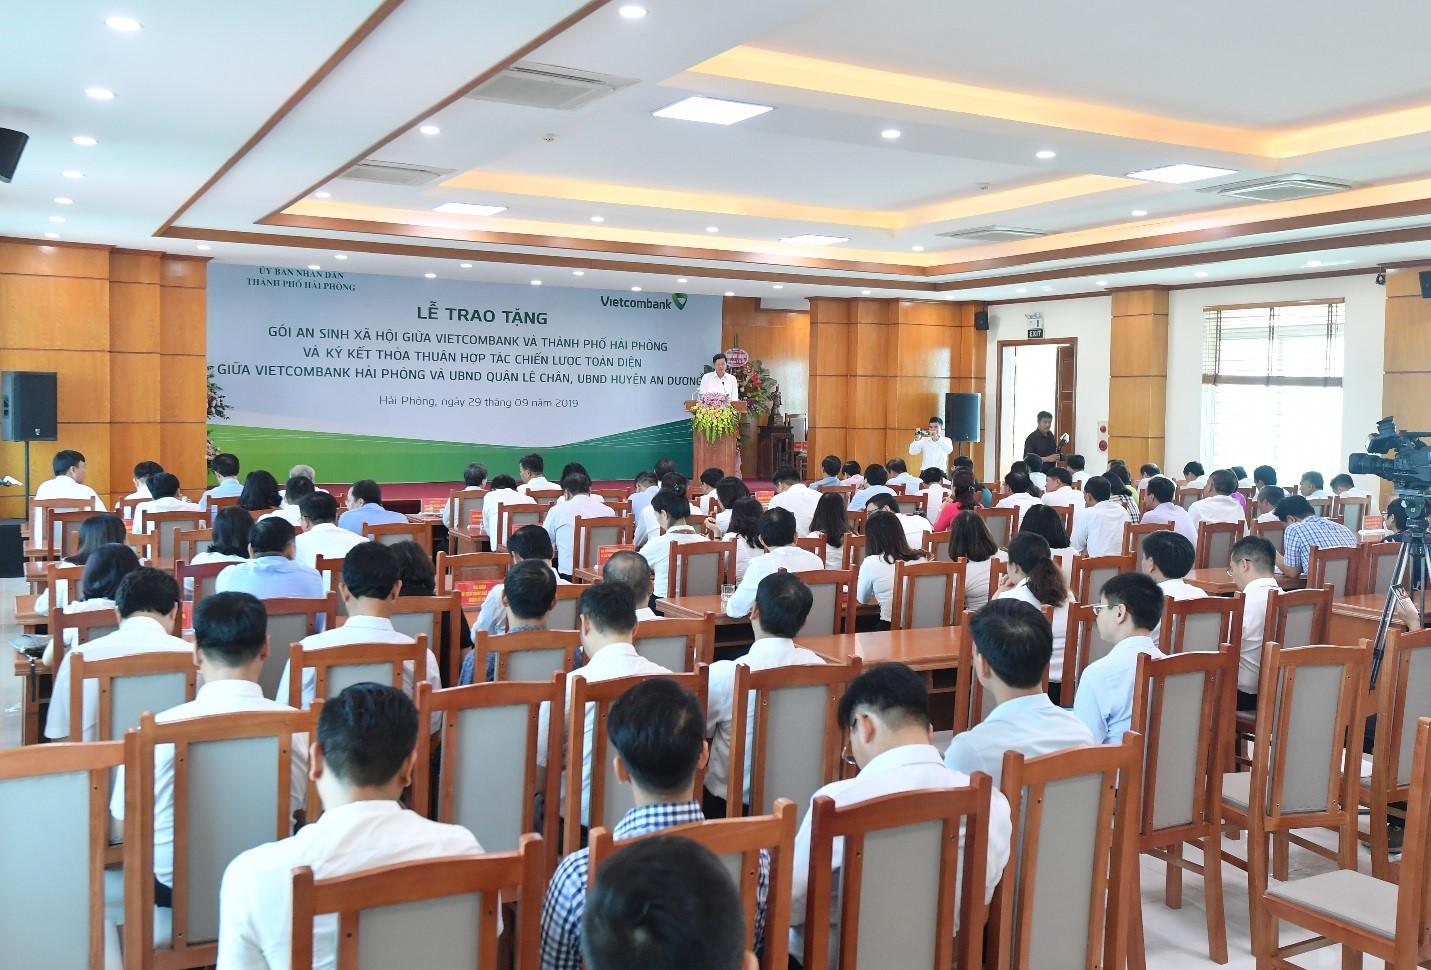 Vietcombank trao tặng gói ASXH trị giá 10 tỷ đồng cho thành phố Hải Phòng  - Ảnh 8